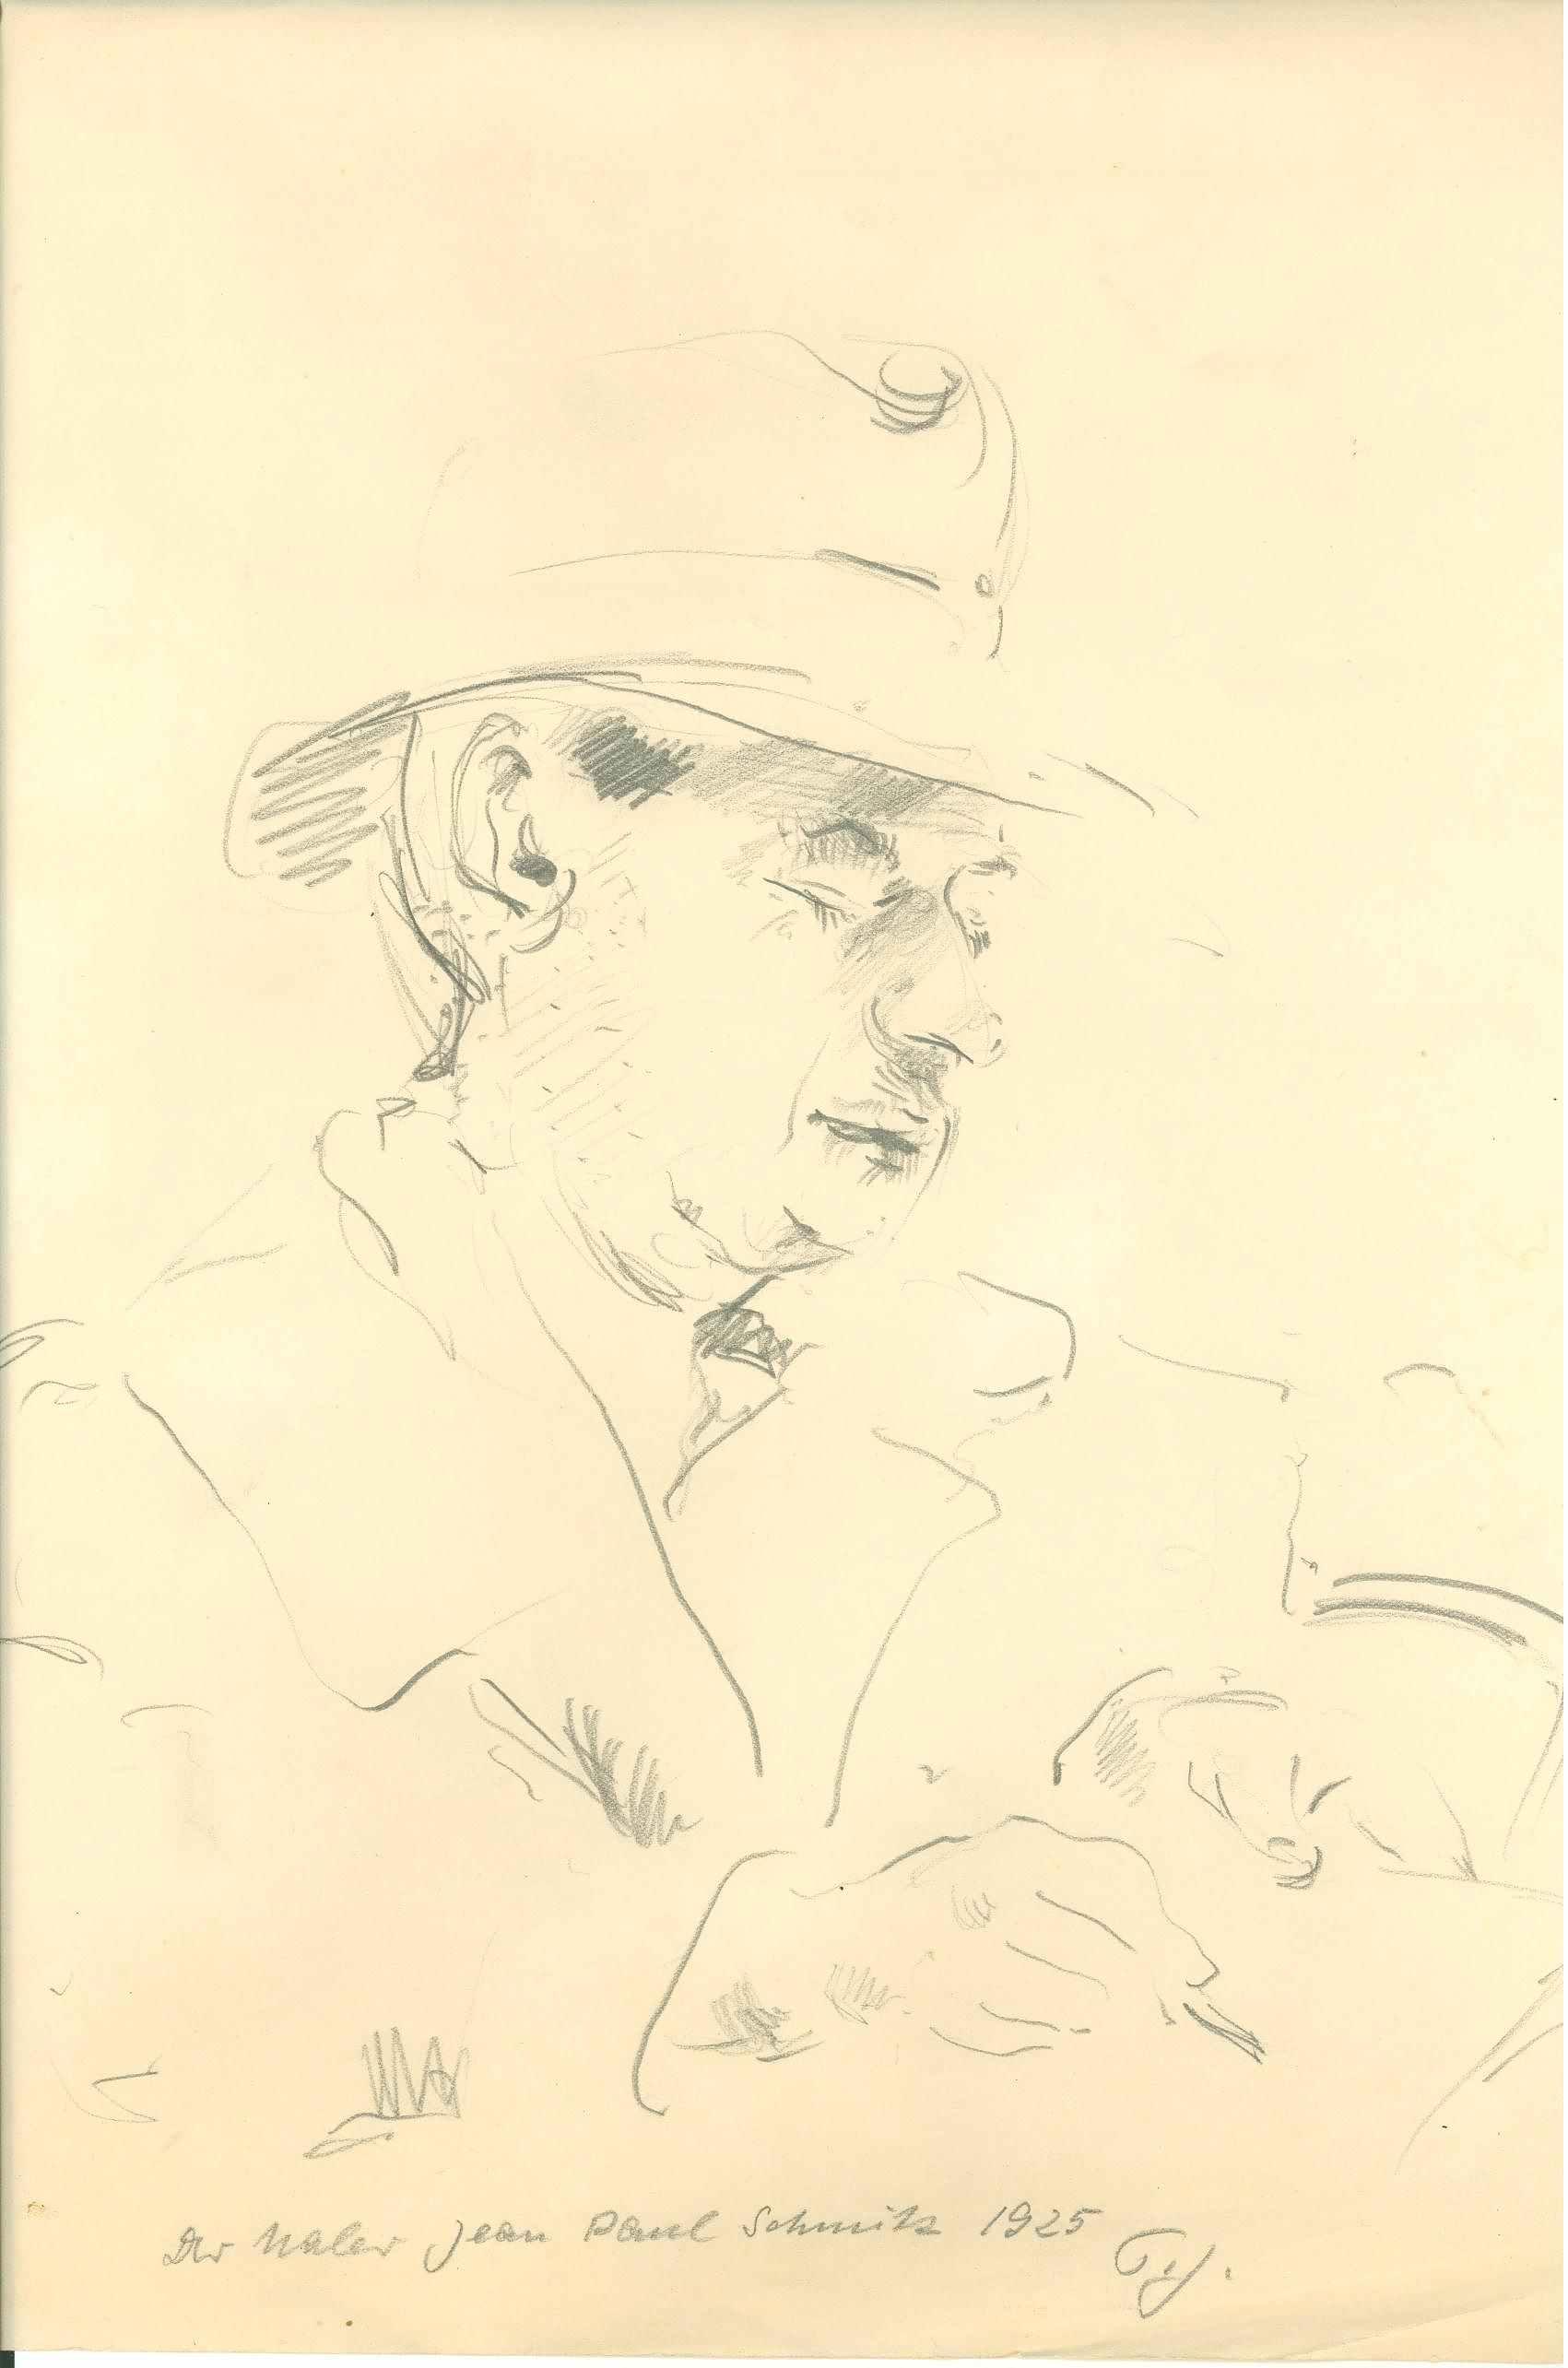 Der Maler Jean Paul Schmitz, 1925, Zeichnung von Peter Janssen.